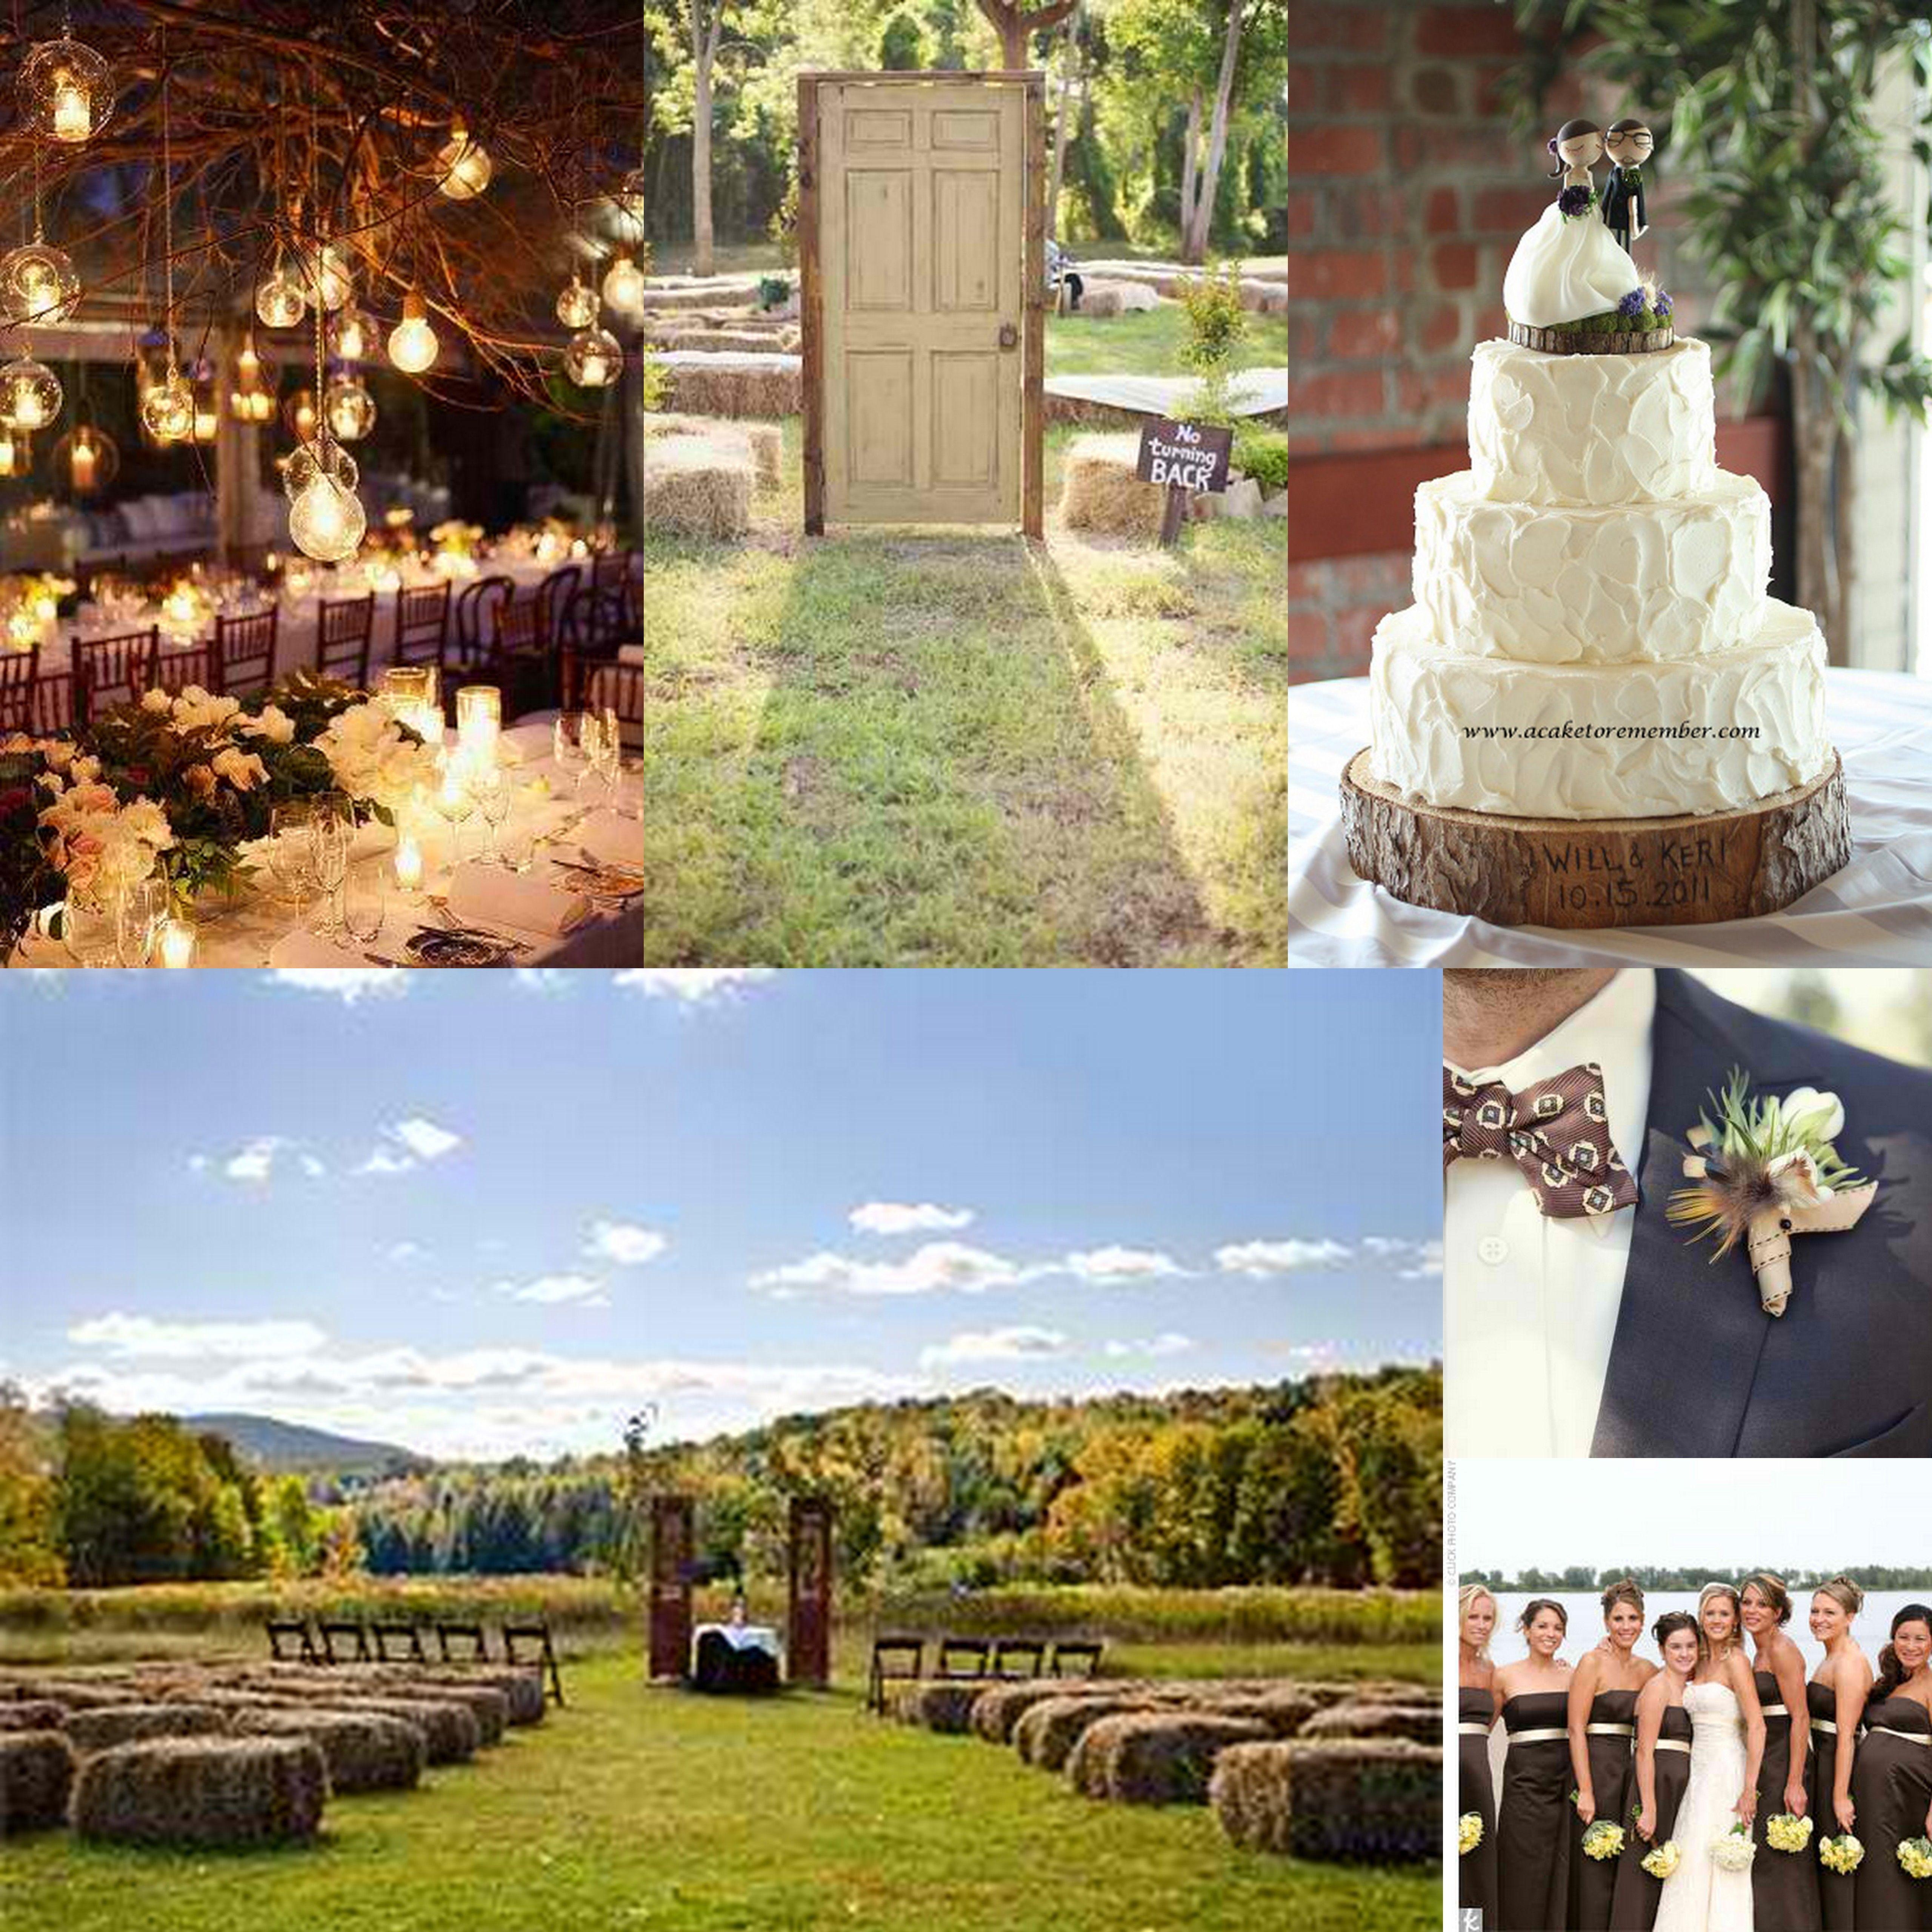 Rustic Outdoor Wedding Ideas: Rustic Outdoor Country Weddings Idea